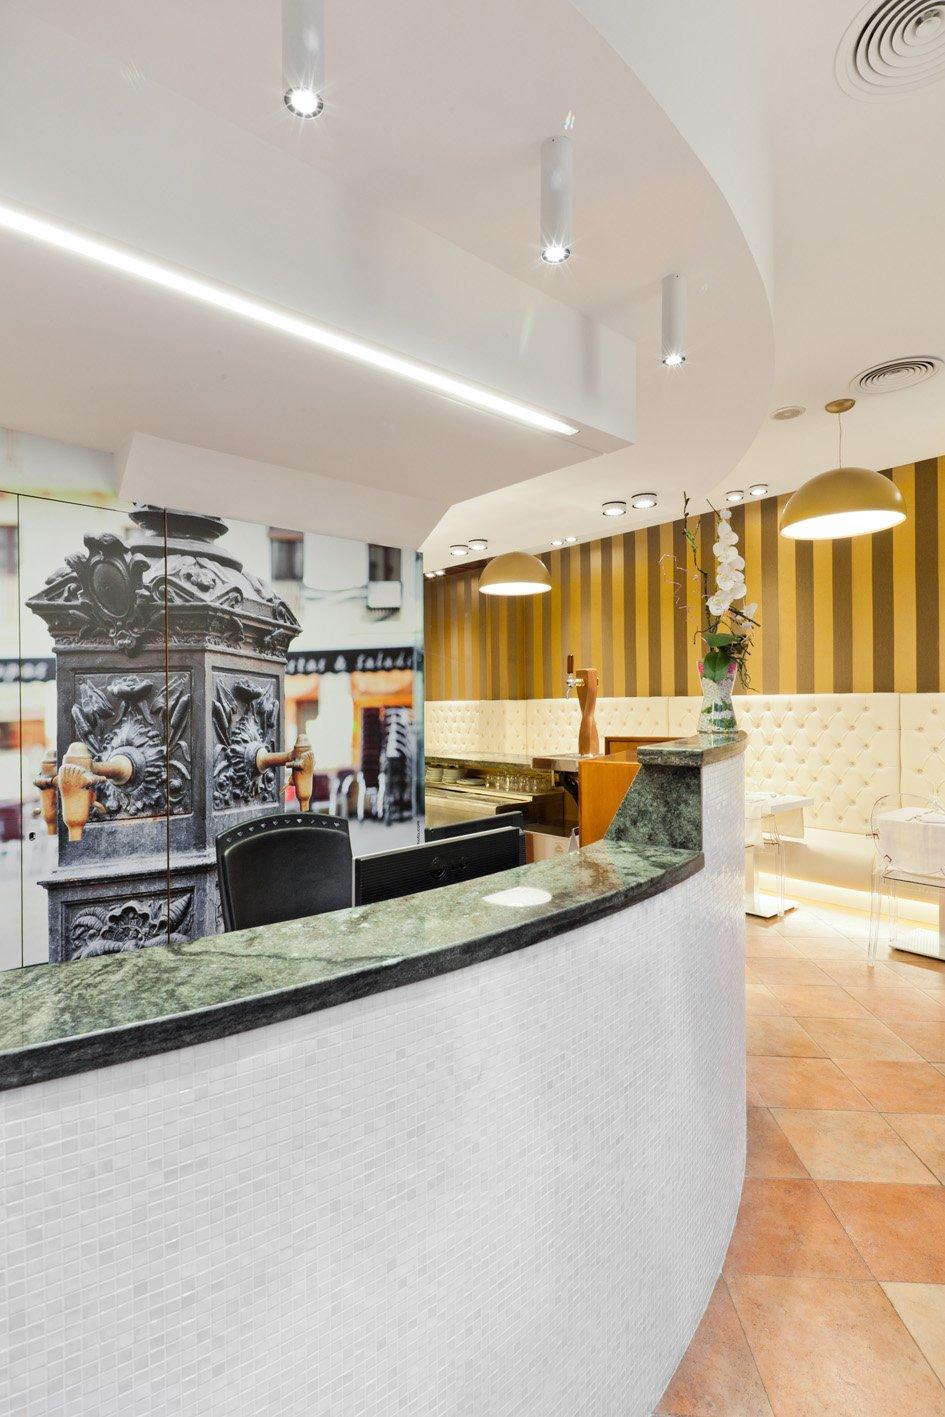 hotel_la_fontnombre_del_documento_30-baef84c0105d1e9270f8201d57e5cf1f